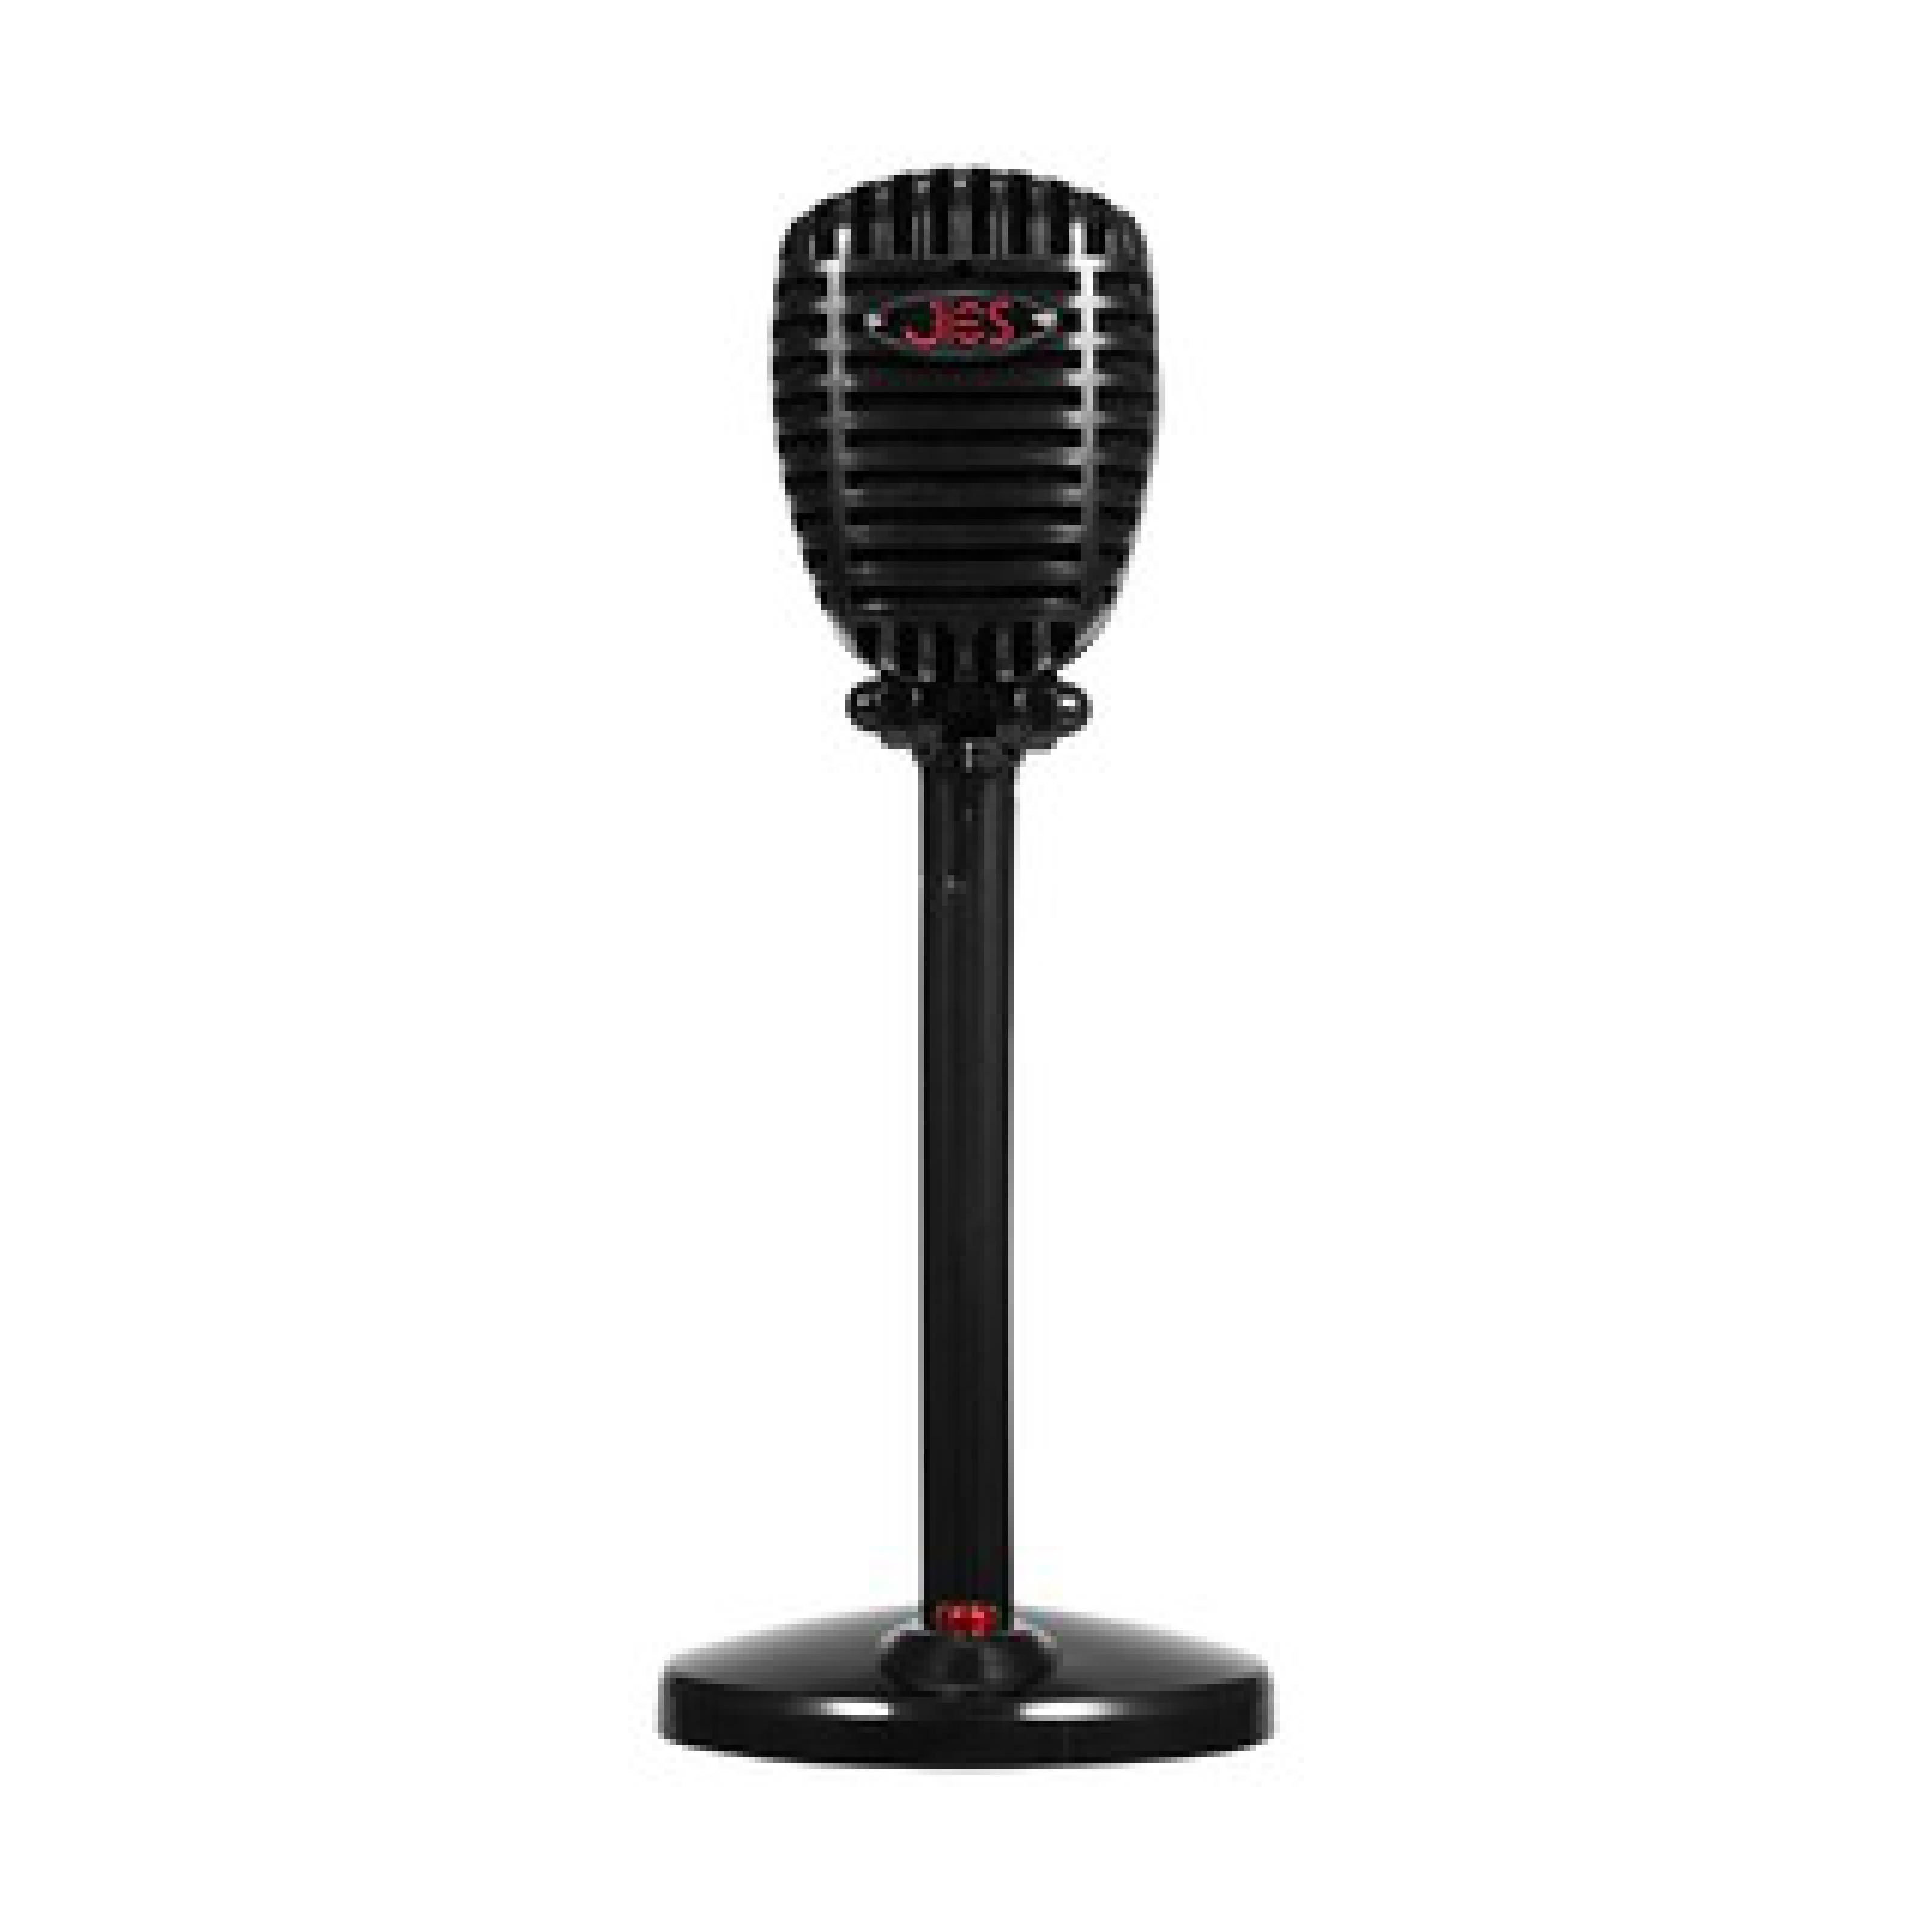 Jies F13 Masaüstü Mikrofon Kablolu ON/OFF 3.5MM Tuşlu Oynar Başlı